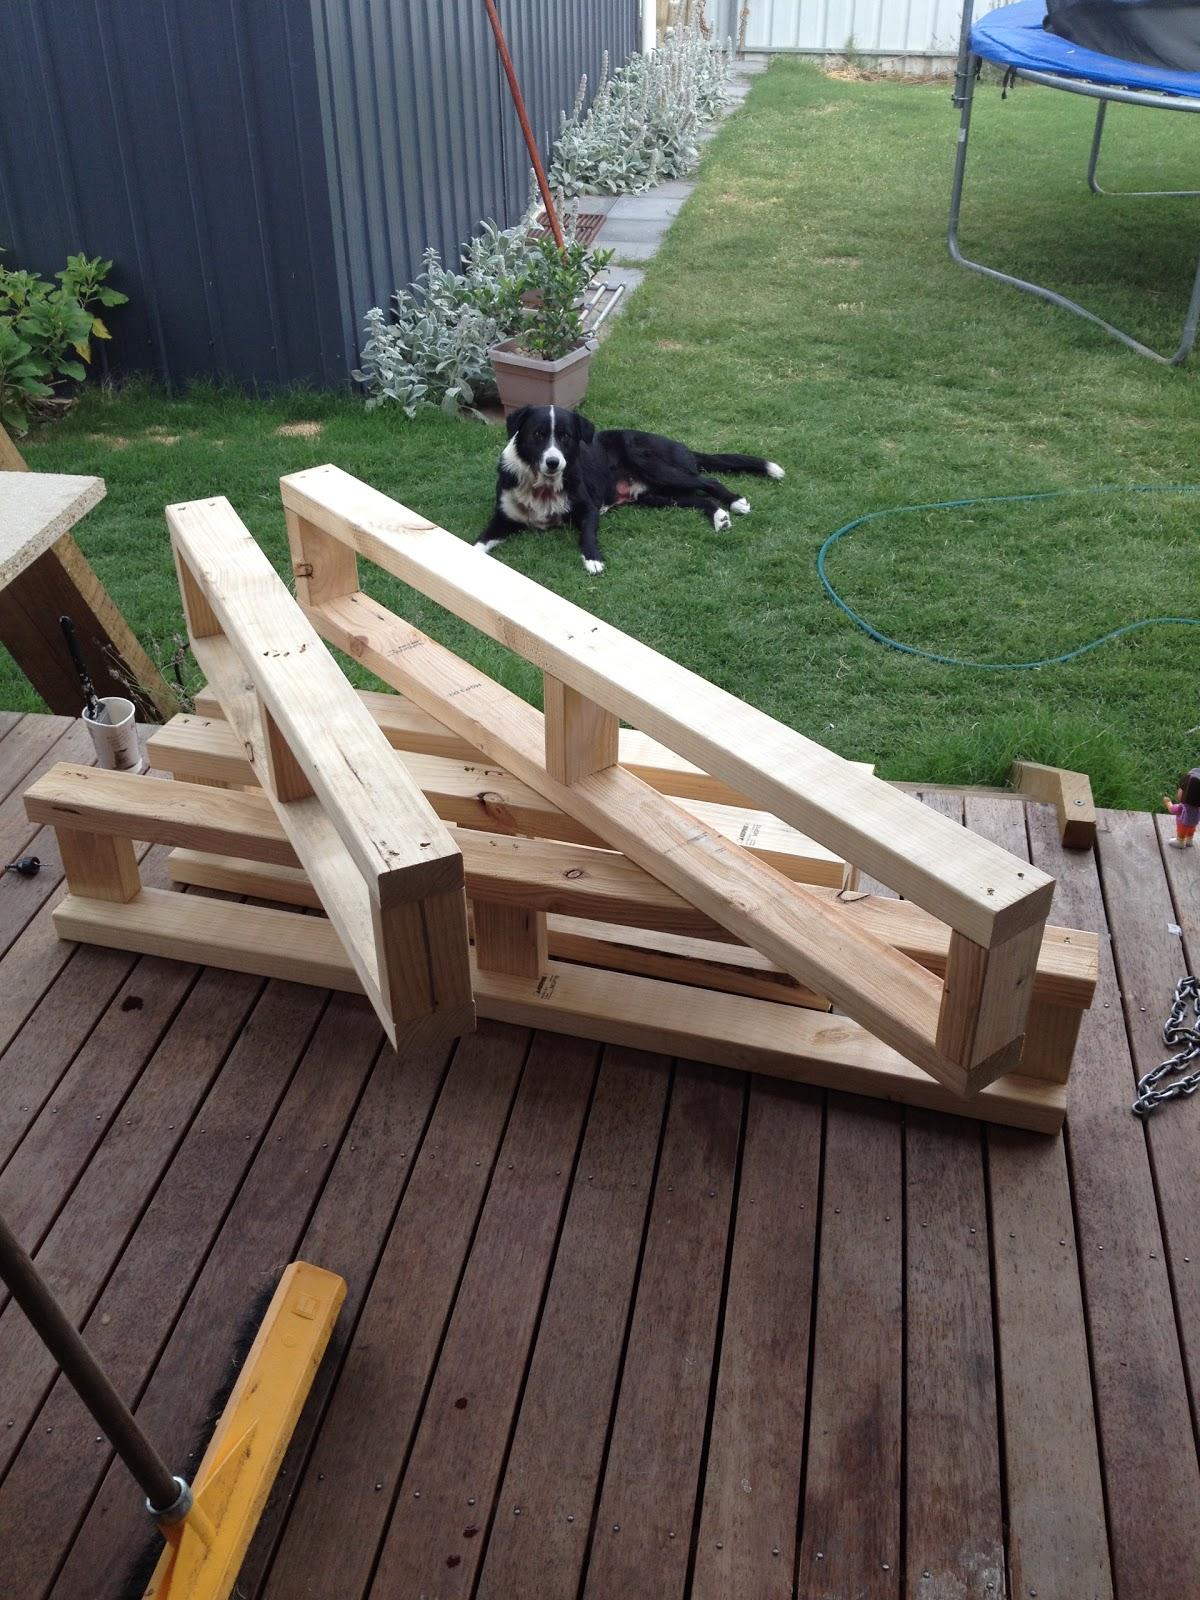 The Modern Homesteader: D.I.Y - Deck Day Bed